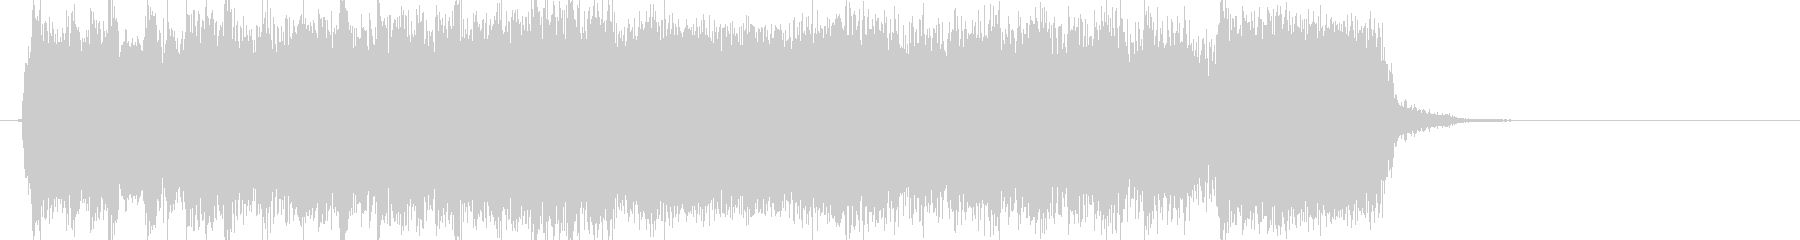 エレキギターによるパワフルジングルの未再生の波形